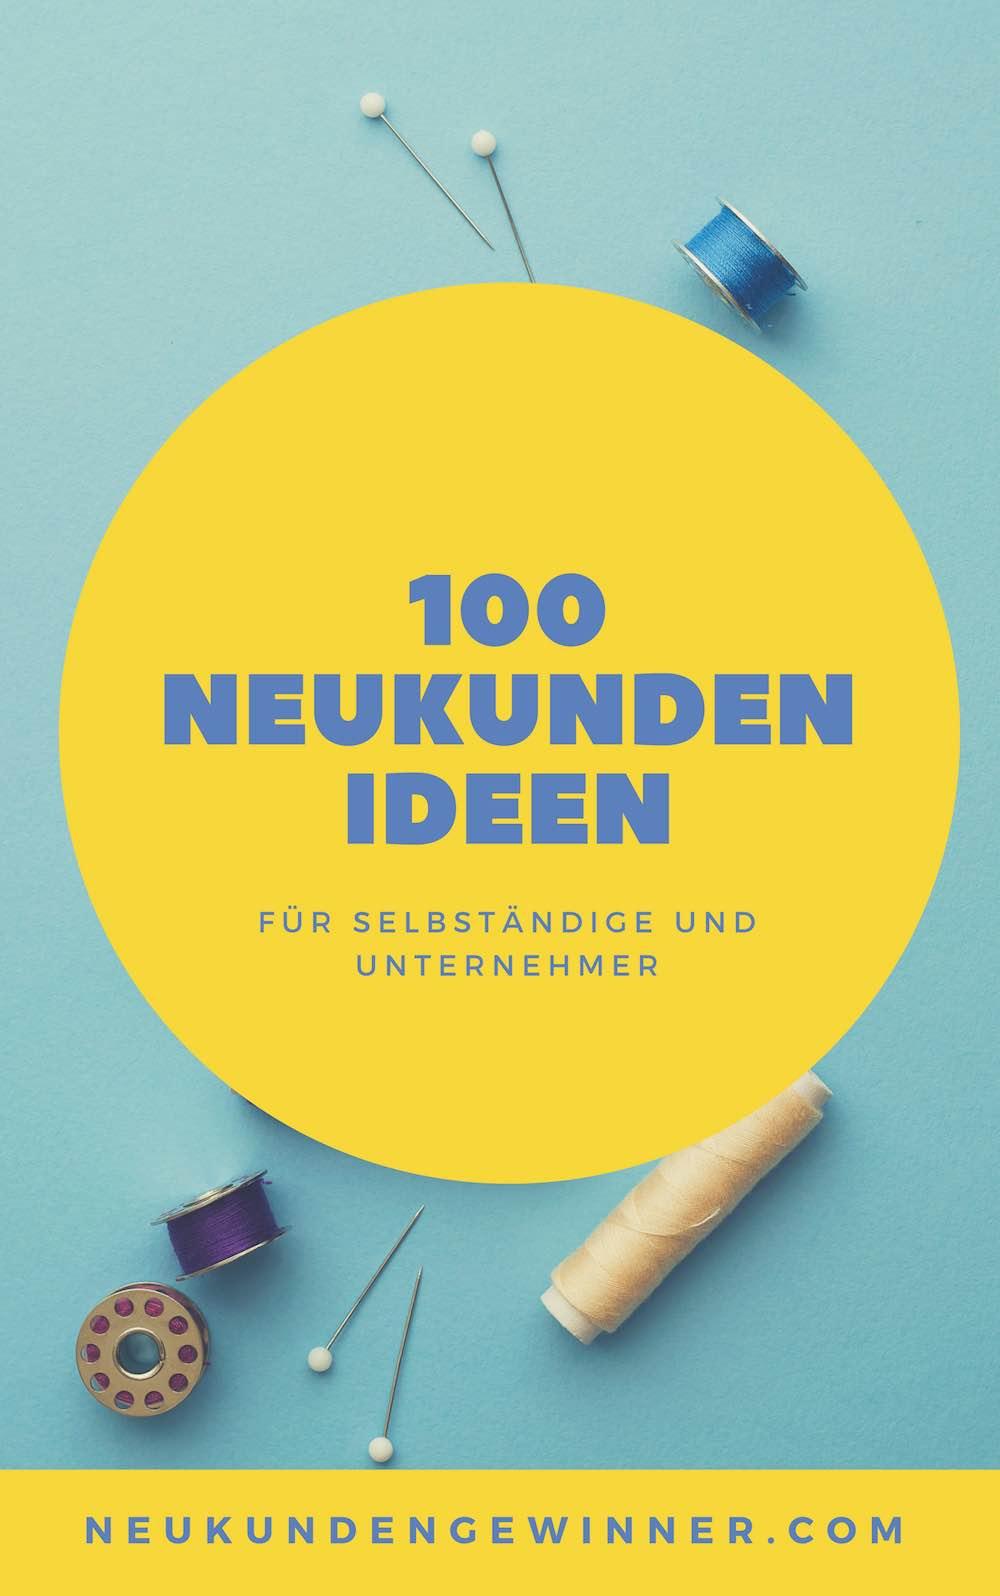 100 Vertriebsideen für die Neukundenakquise